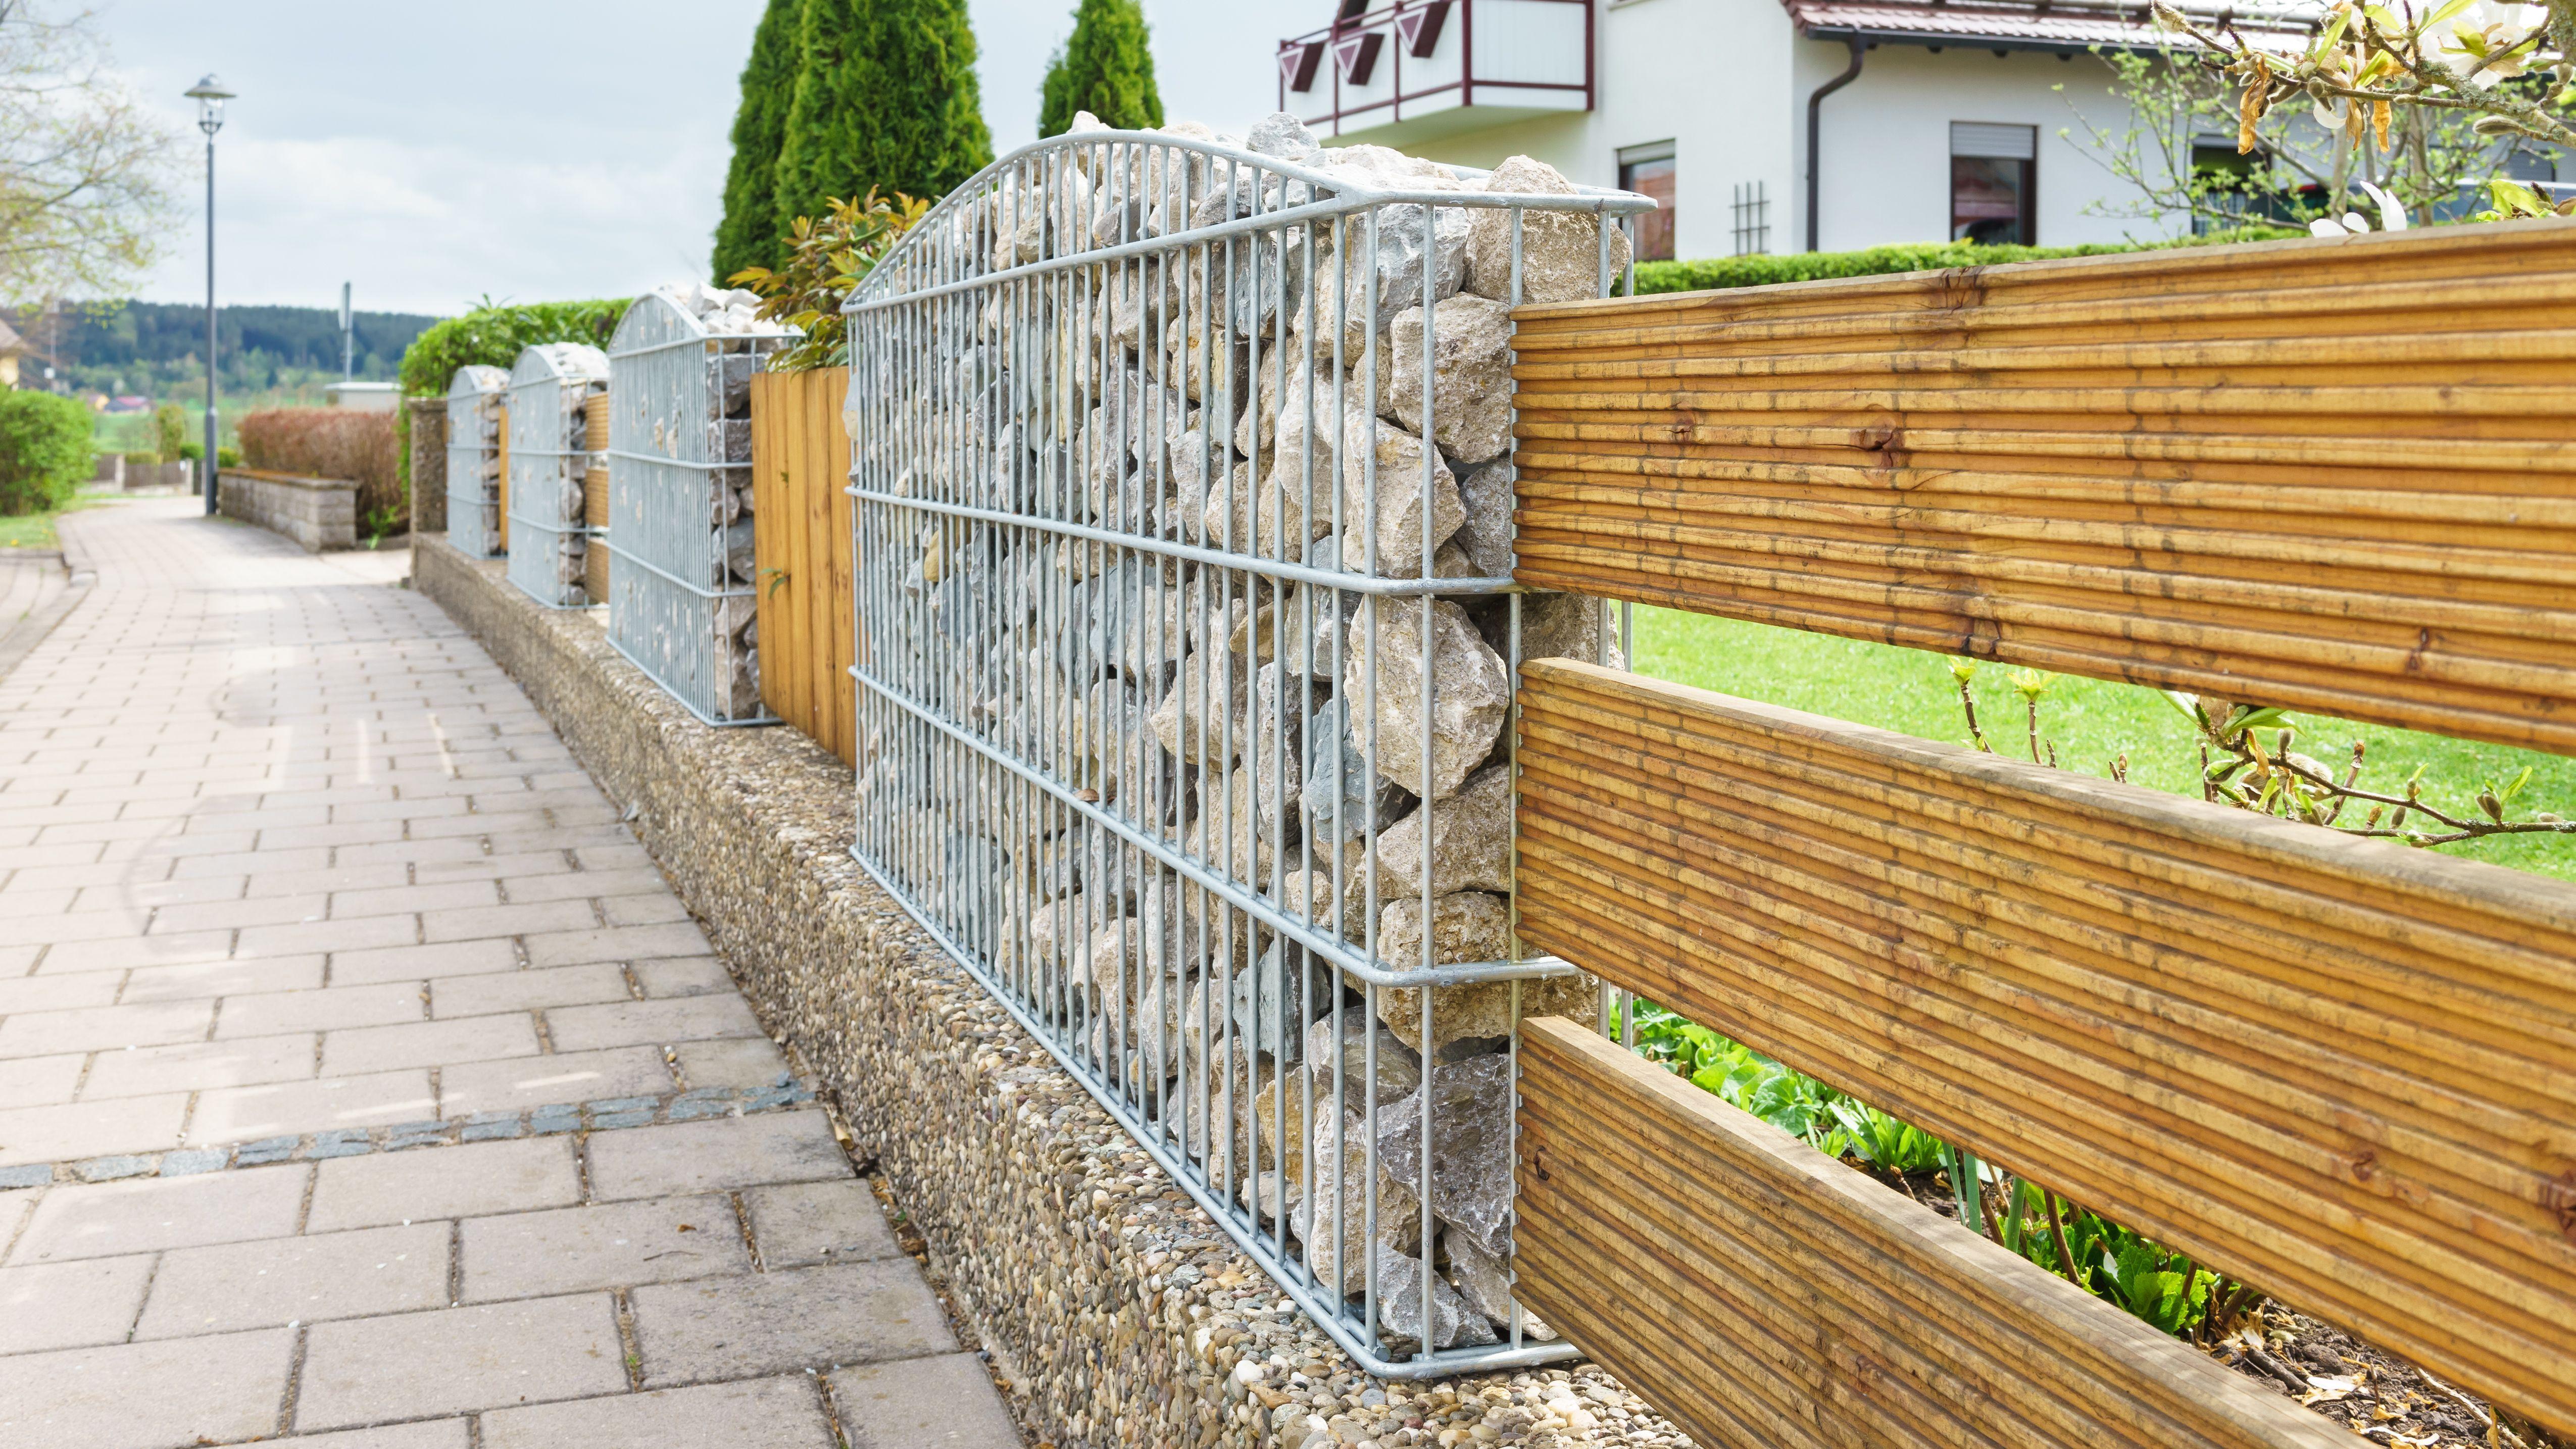 16 Gartenzaun Holz Und Stein Garten Gestaltung Gartengestaltung Gartenstuhl In 2020 Gabionenwand Zen Garten Gartenzaun